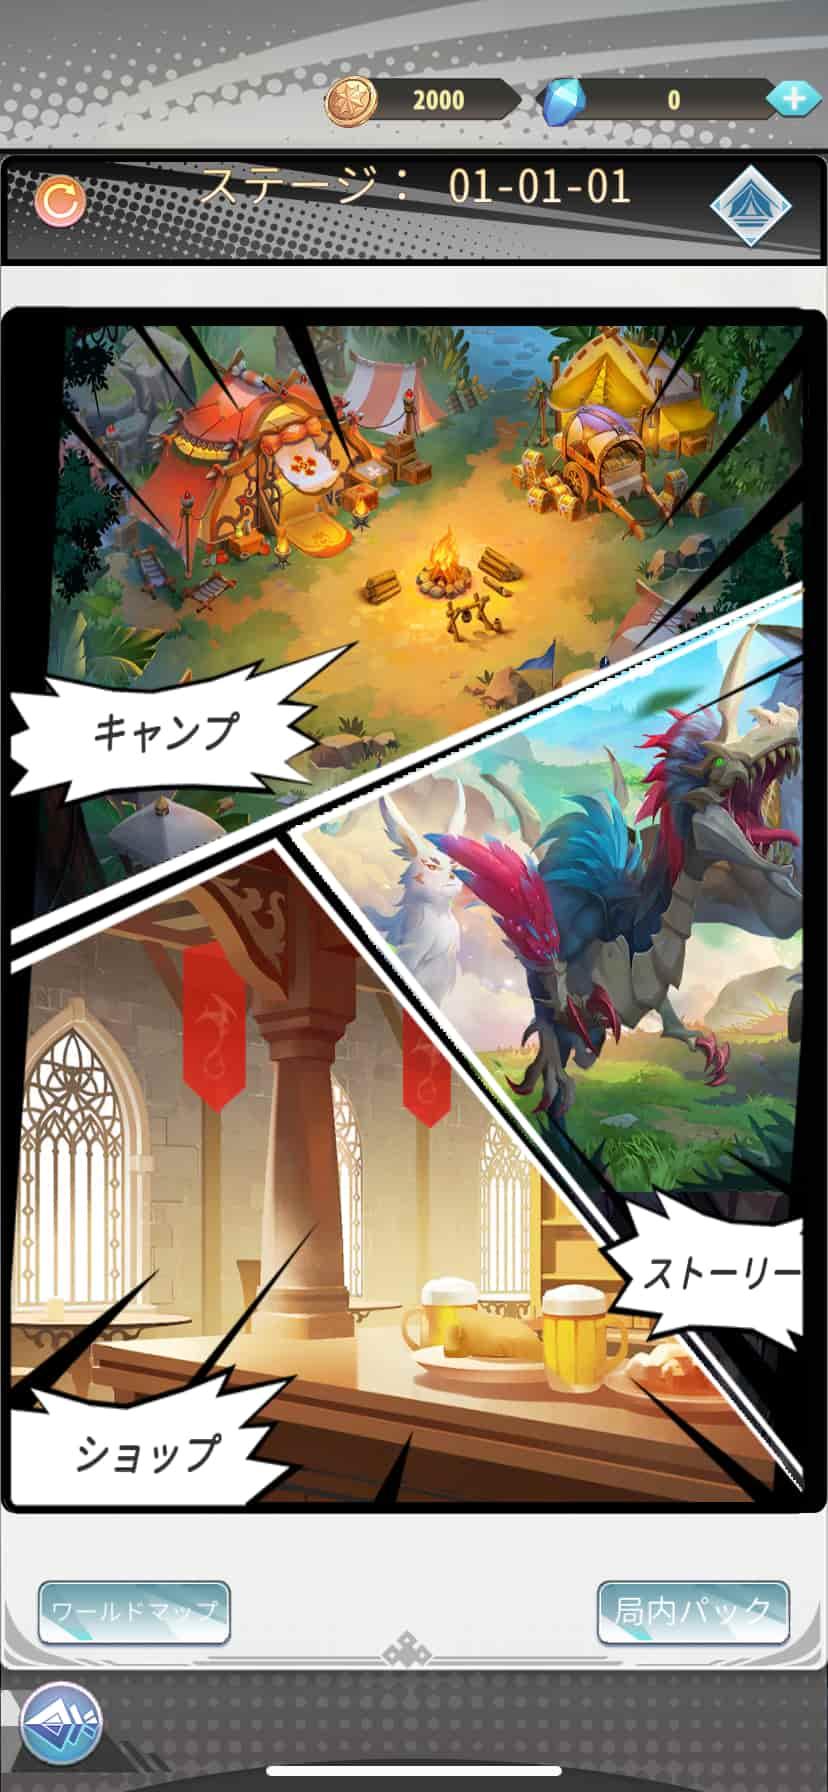 ドラゴンハントレス、ゲーム内容